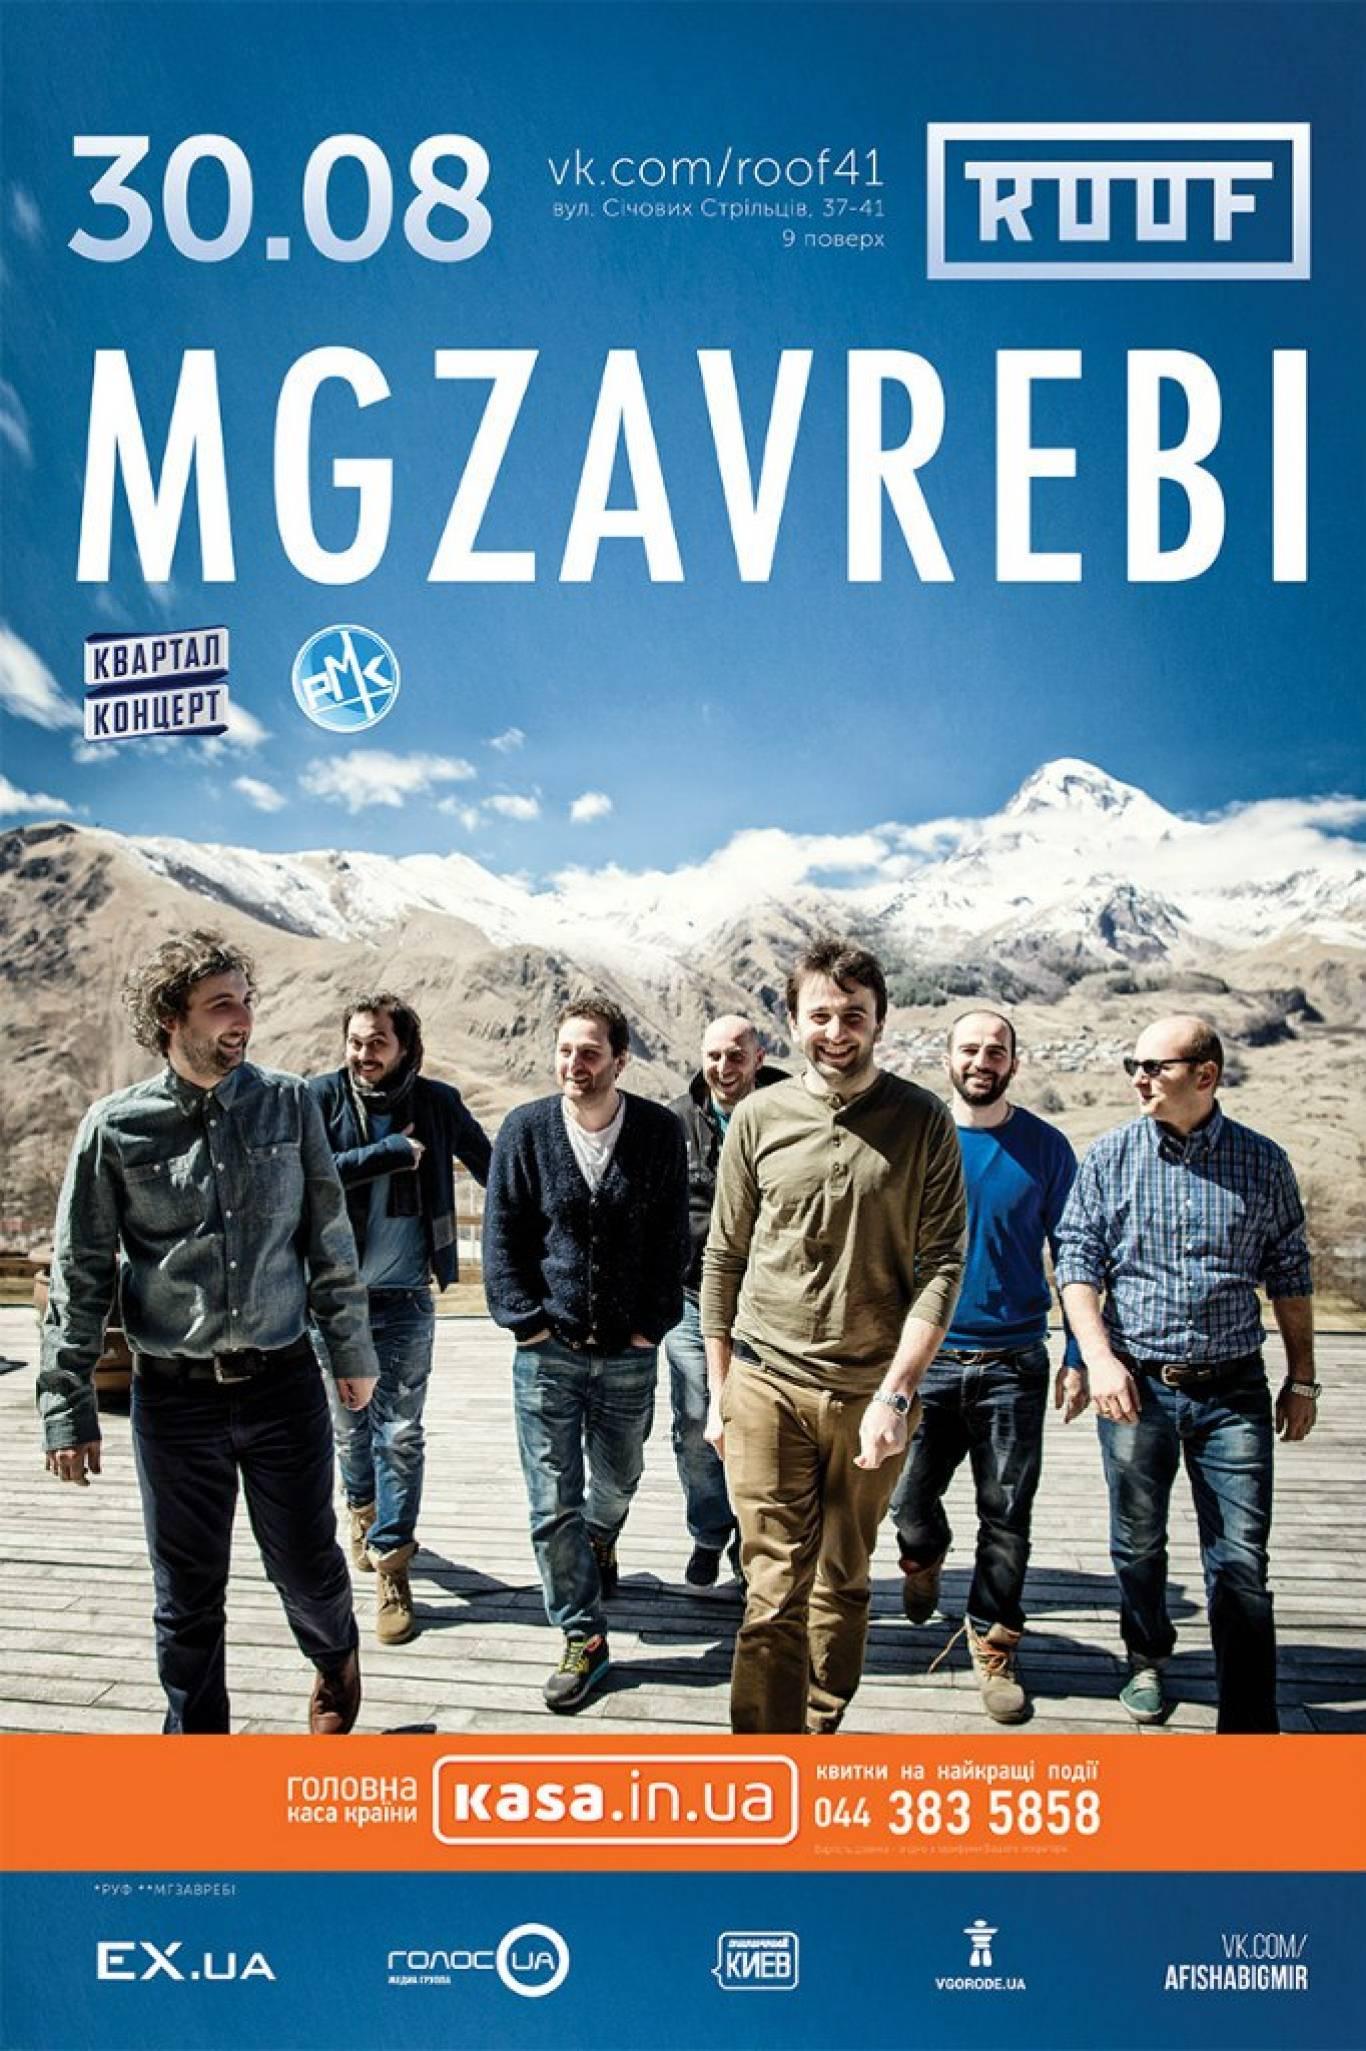 Концерт гурту MGZAVREBI в клубі ROOF